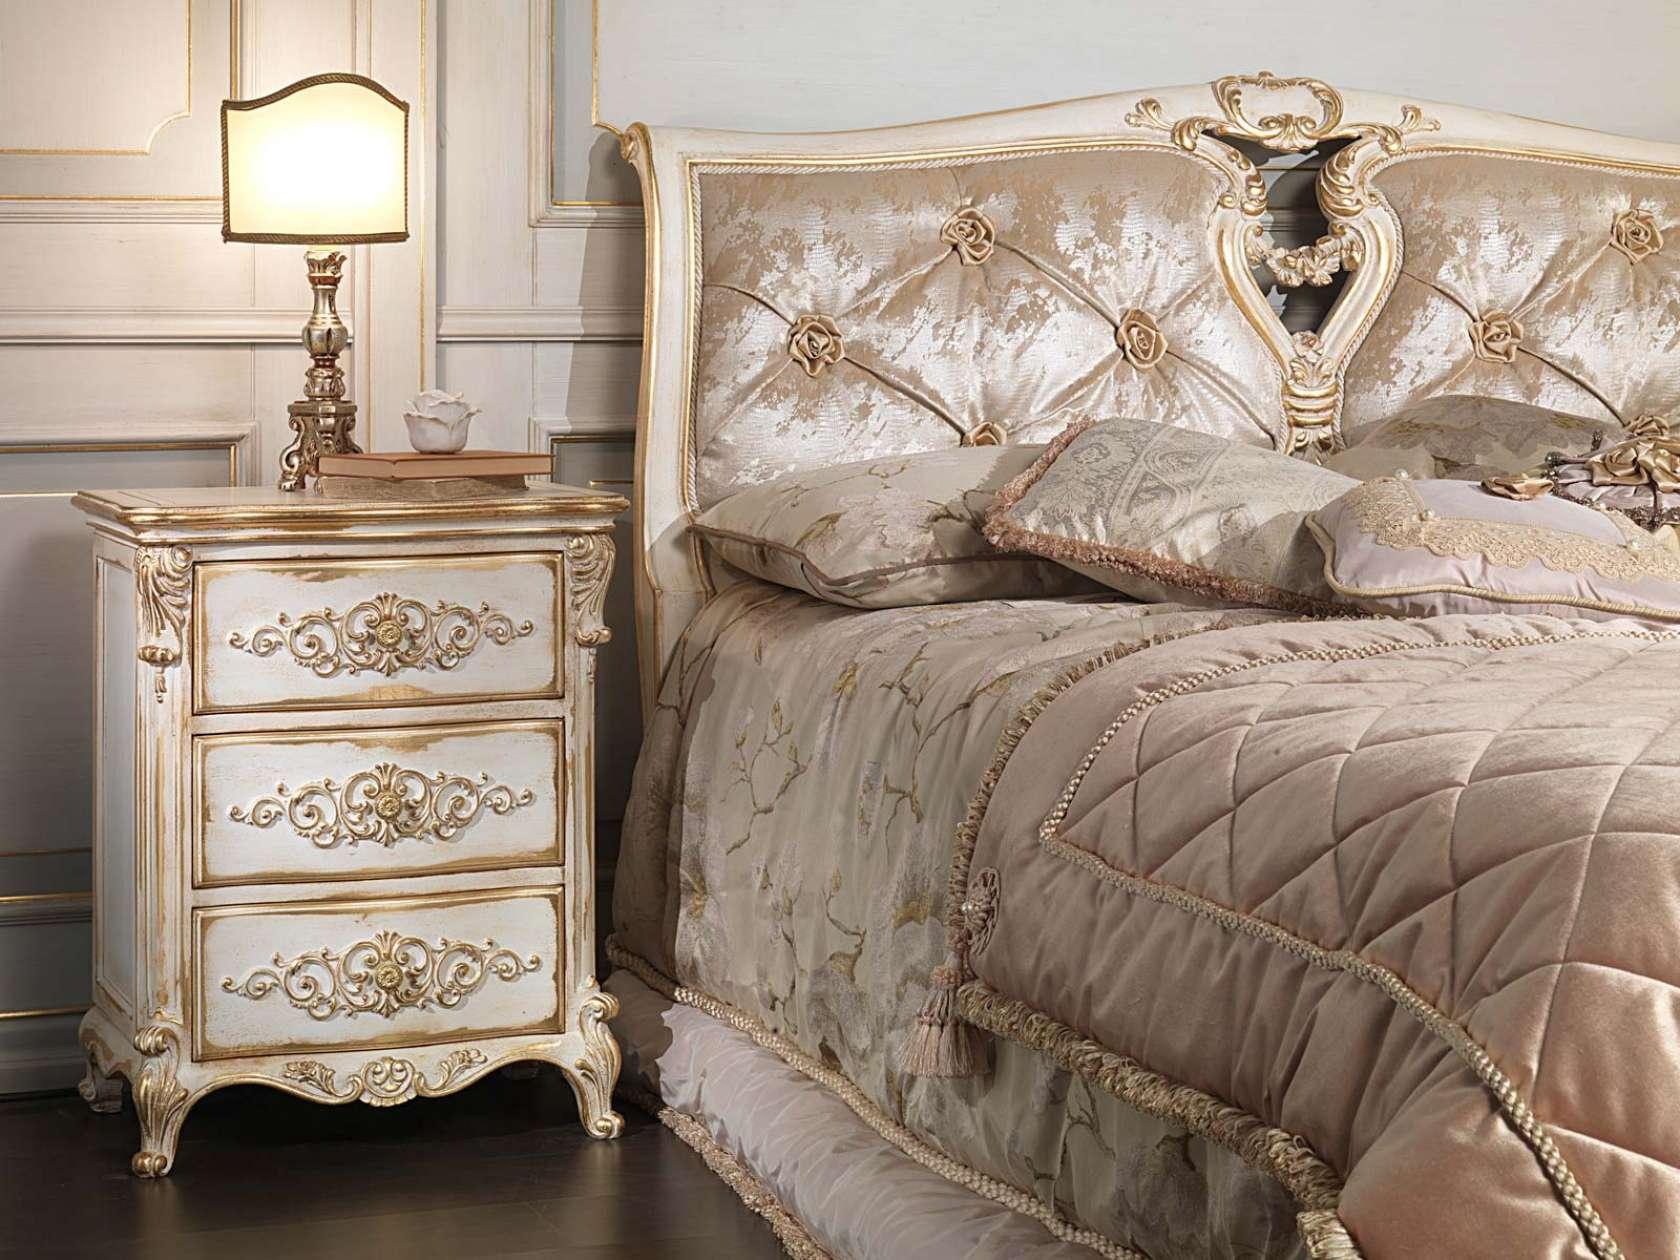 Camera da letto classica in stile luigi xvi letto capitonnè con